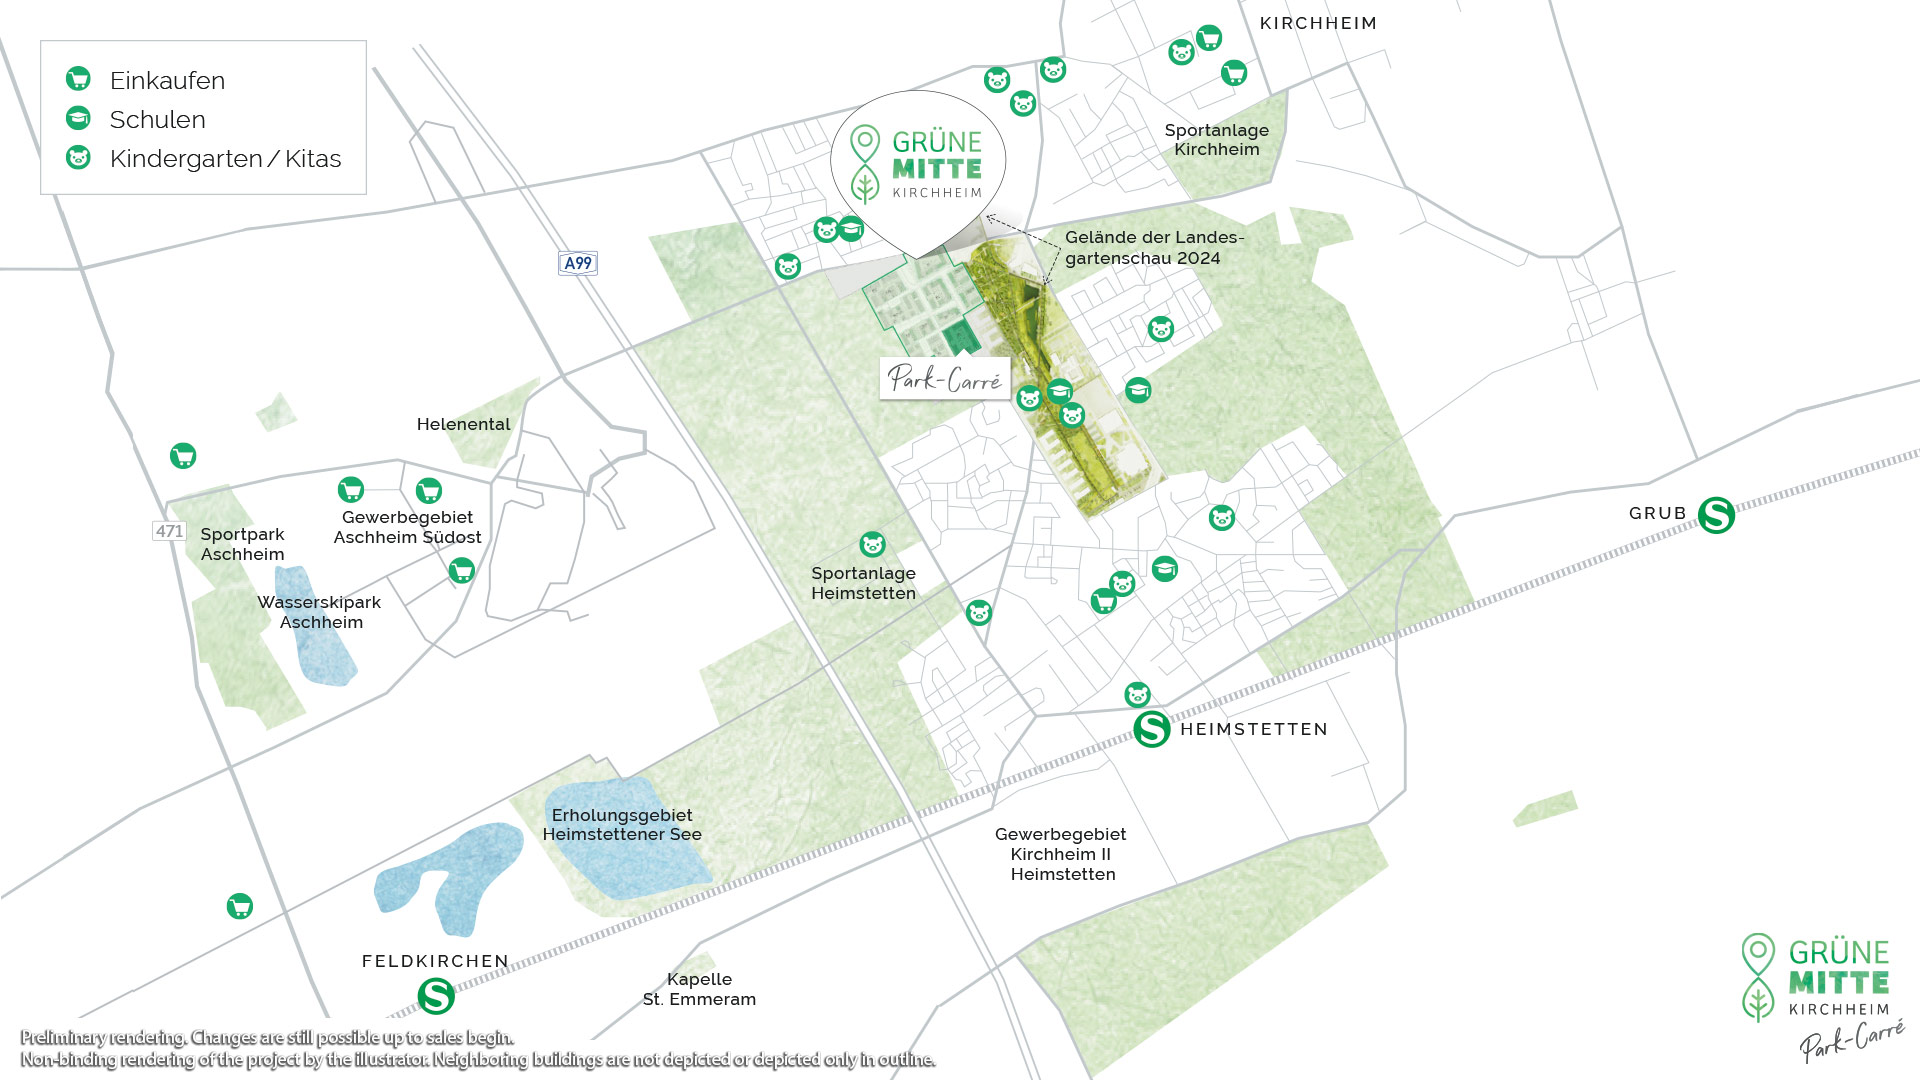 Property Gruene Mitte Kirchheim - park-Carr - Preannouncement - Overview